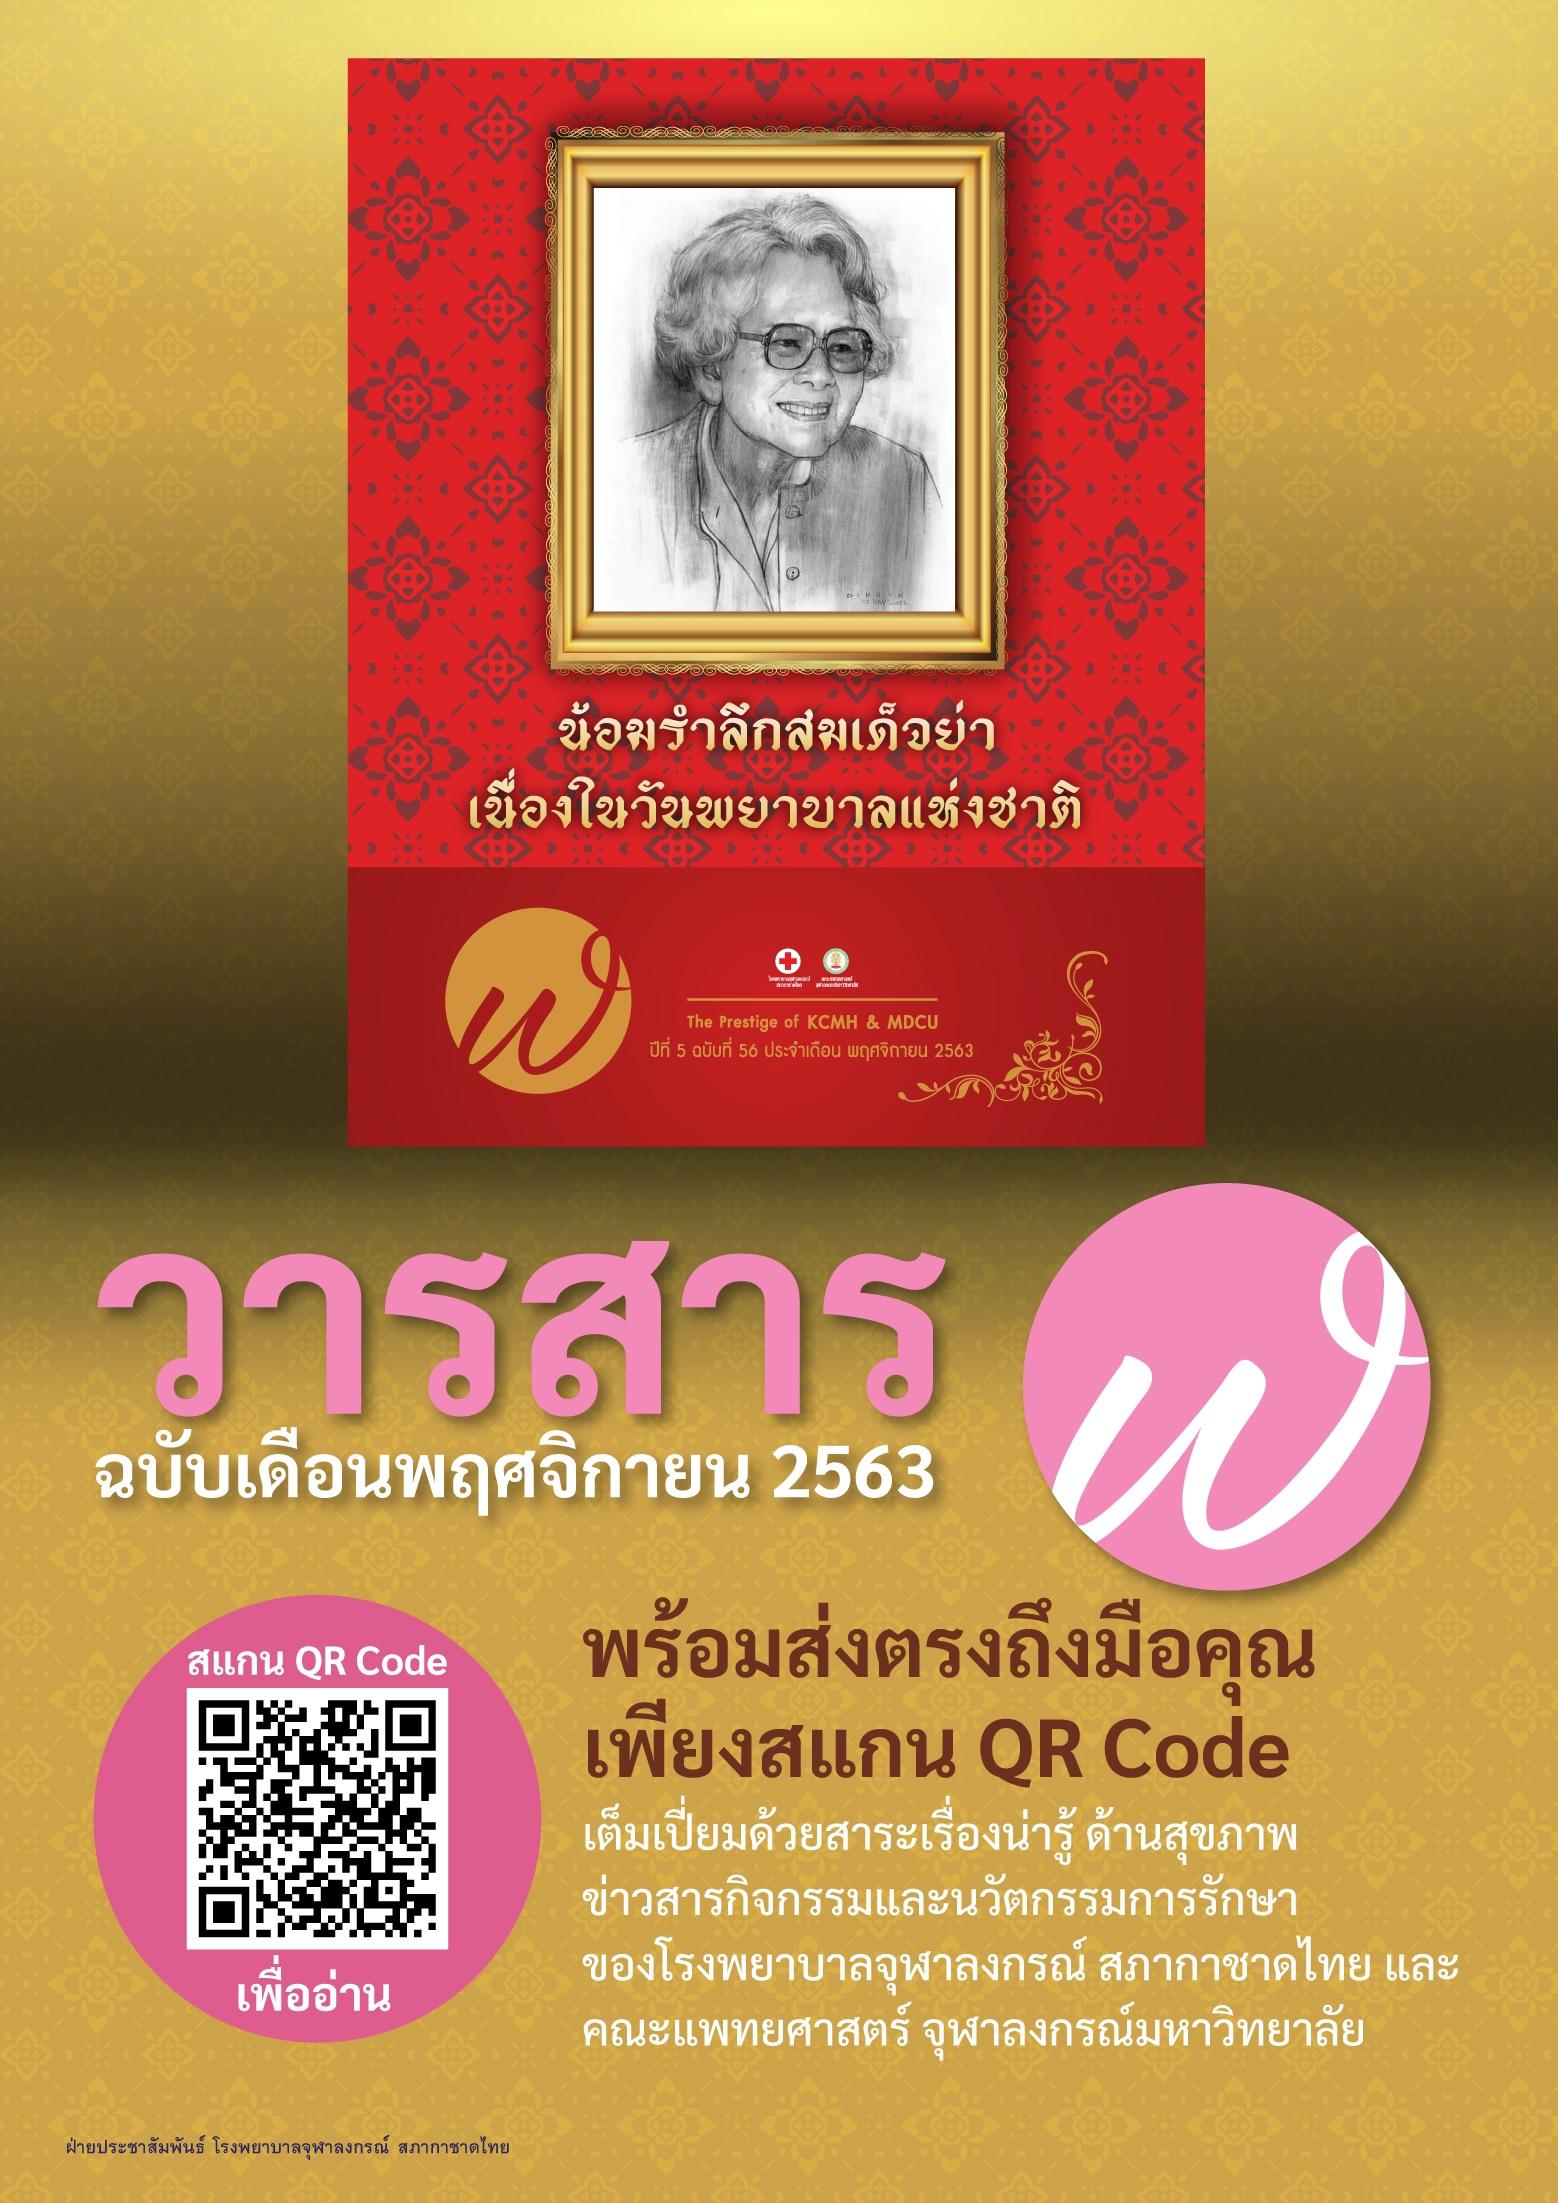 วารสาร ฬ ฉบับเดือนพฤศจิกายน 2563